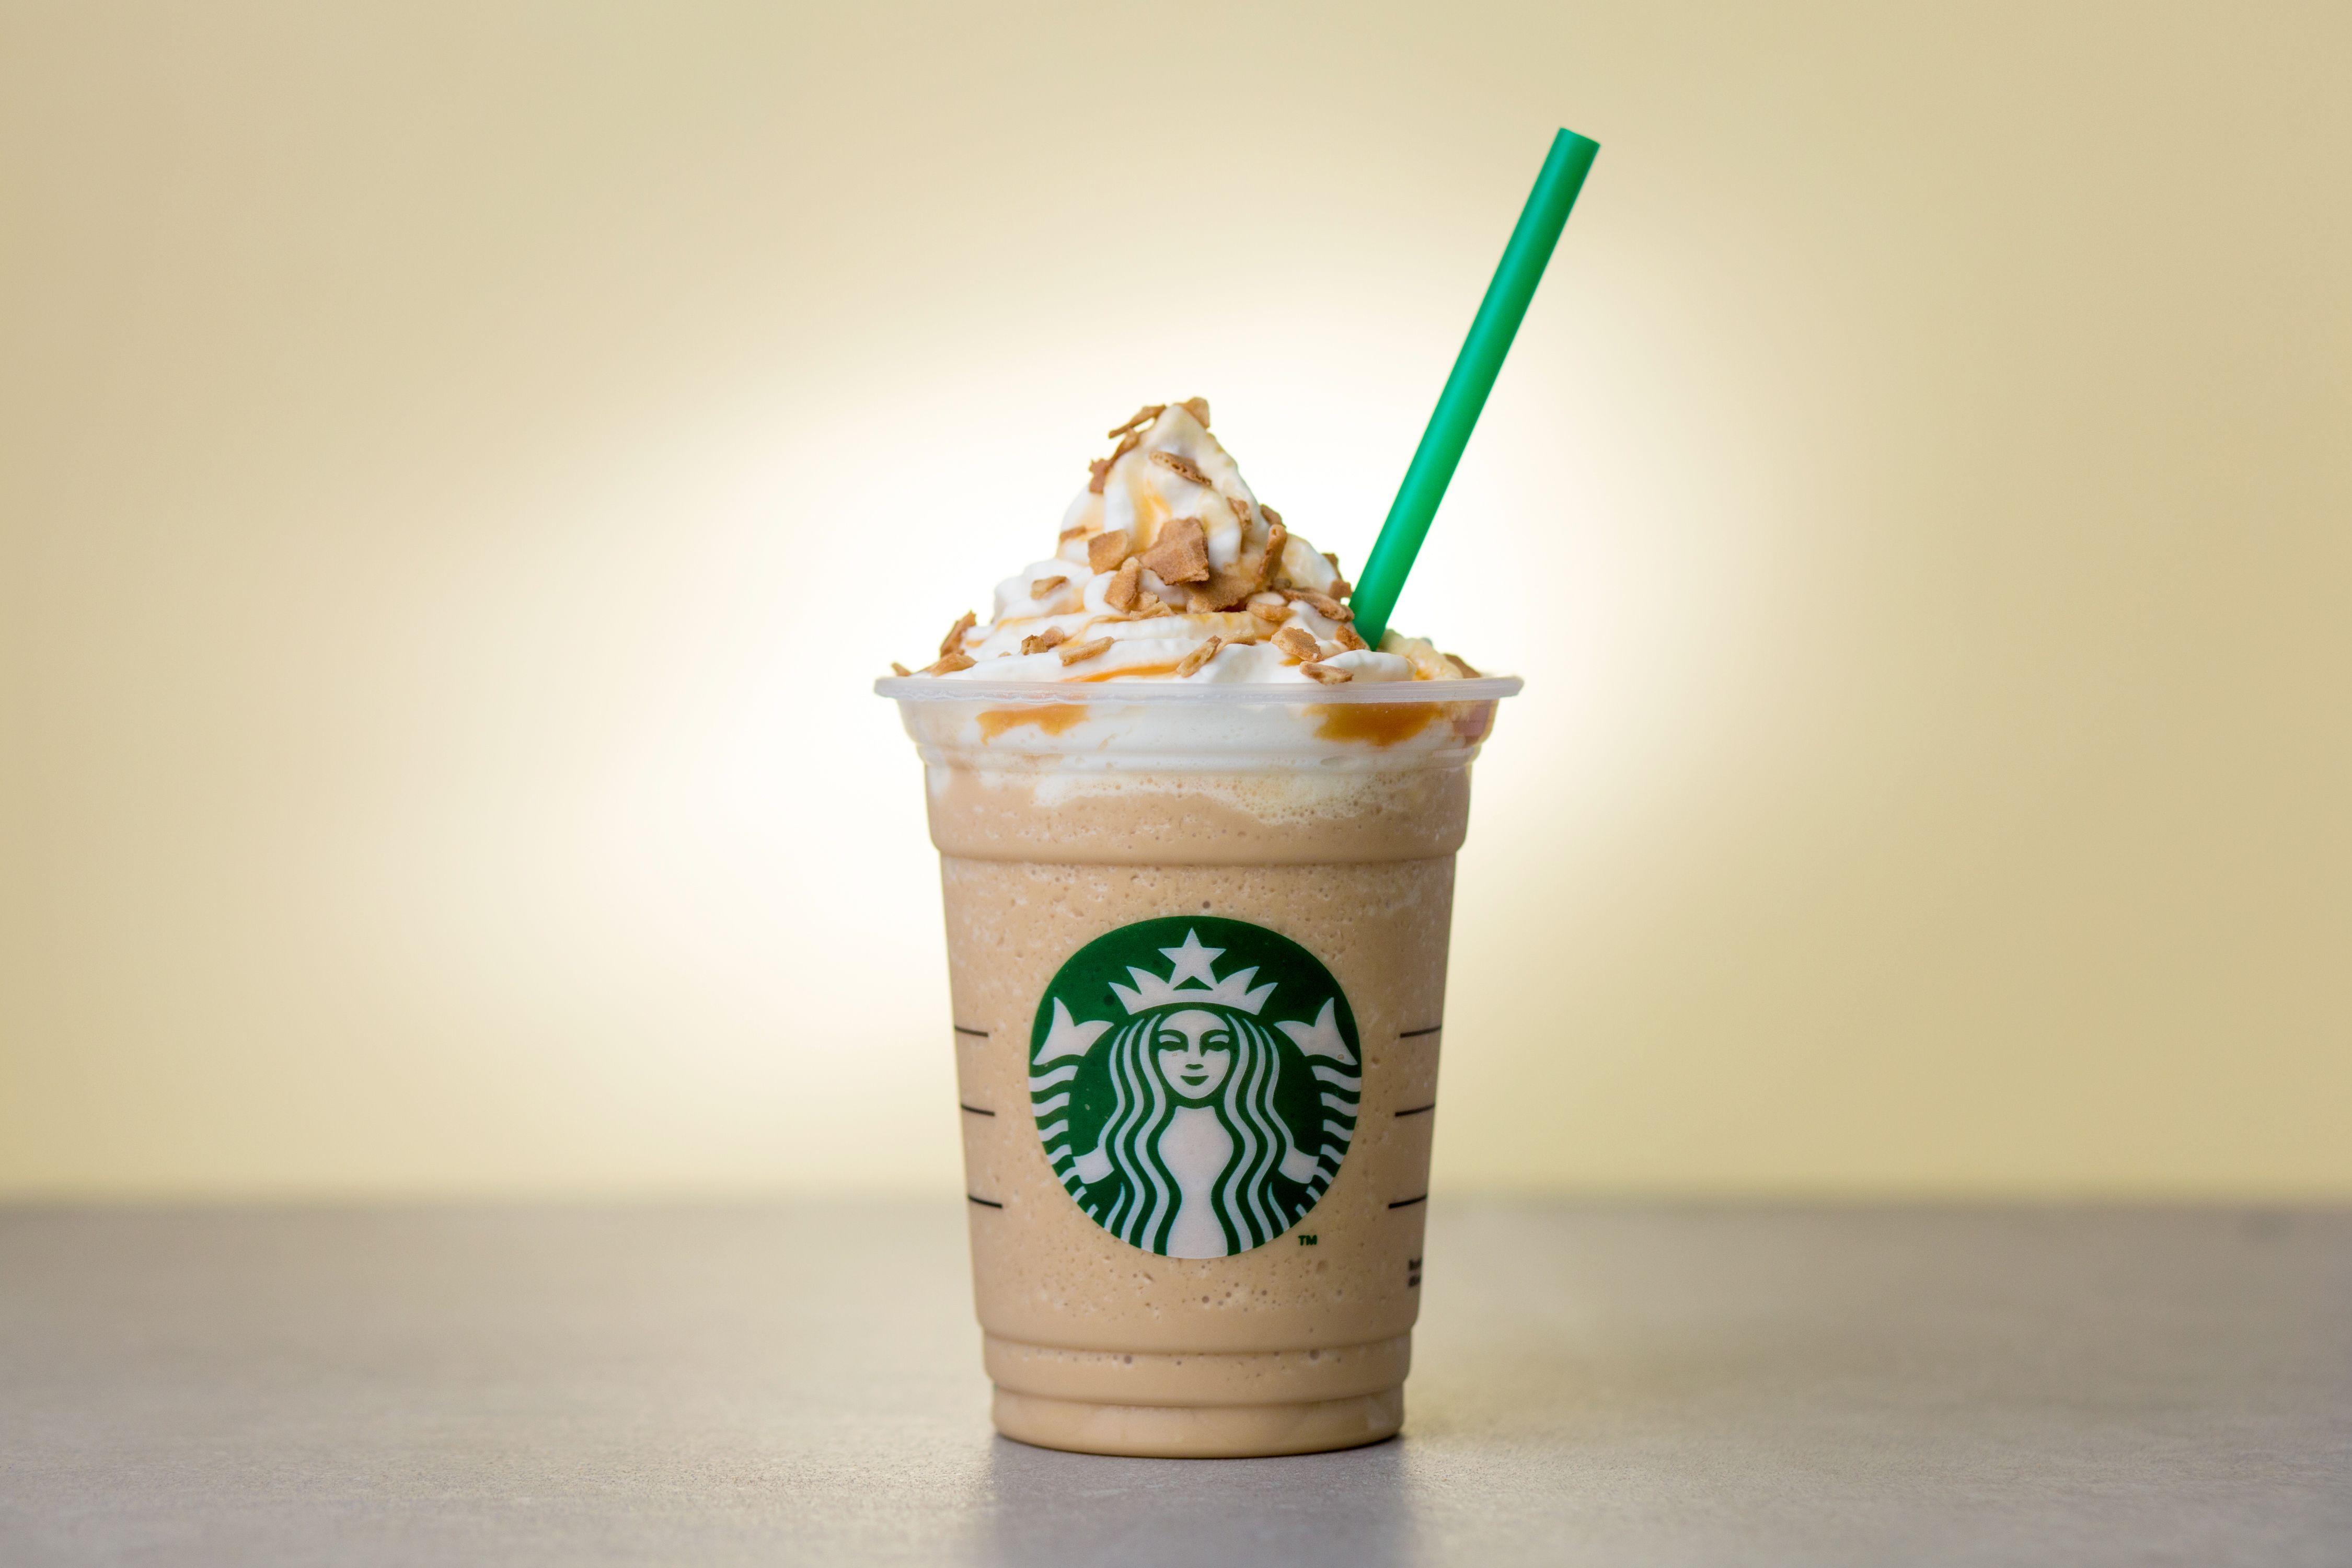 Starbucks New Frappuccino - Caramel Waffle Cone Frappuccino